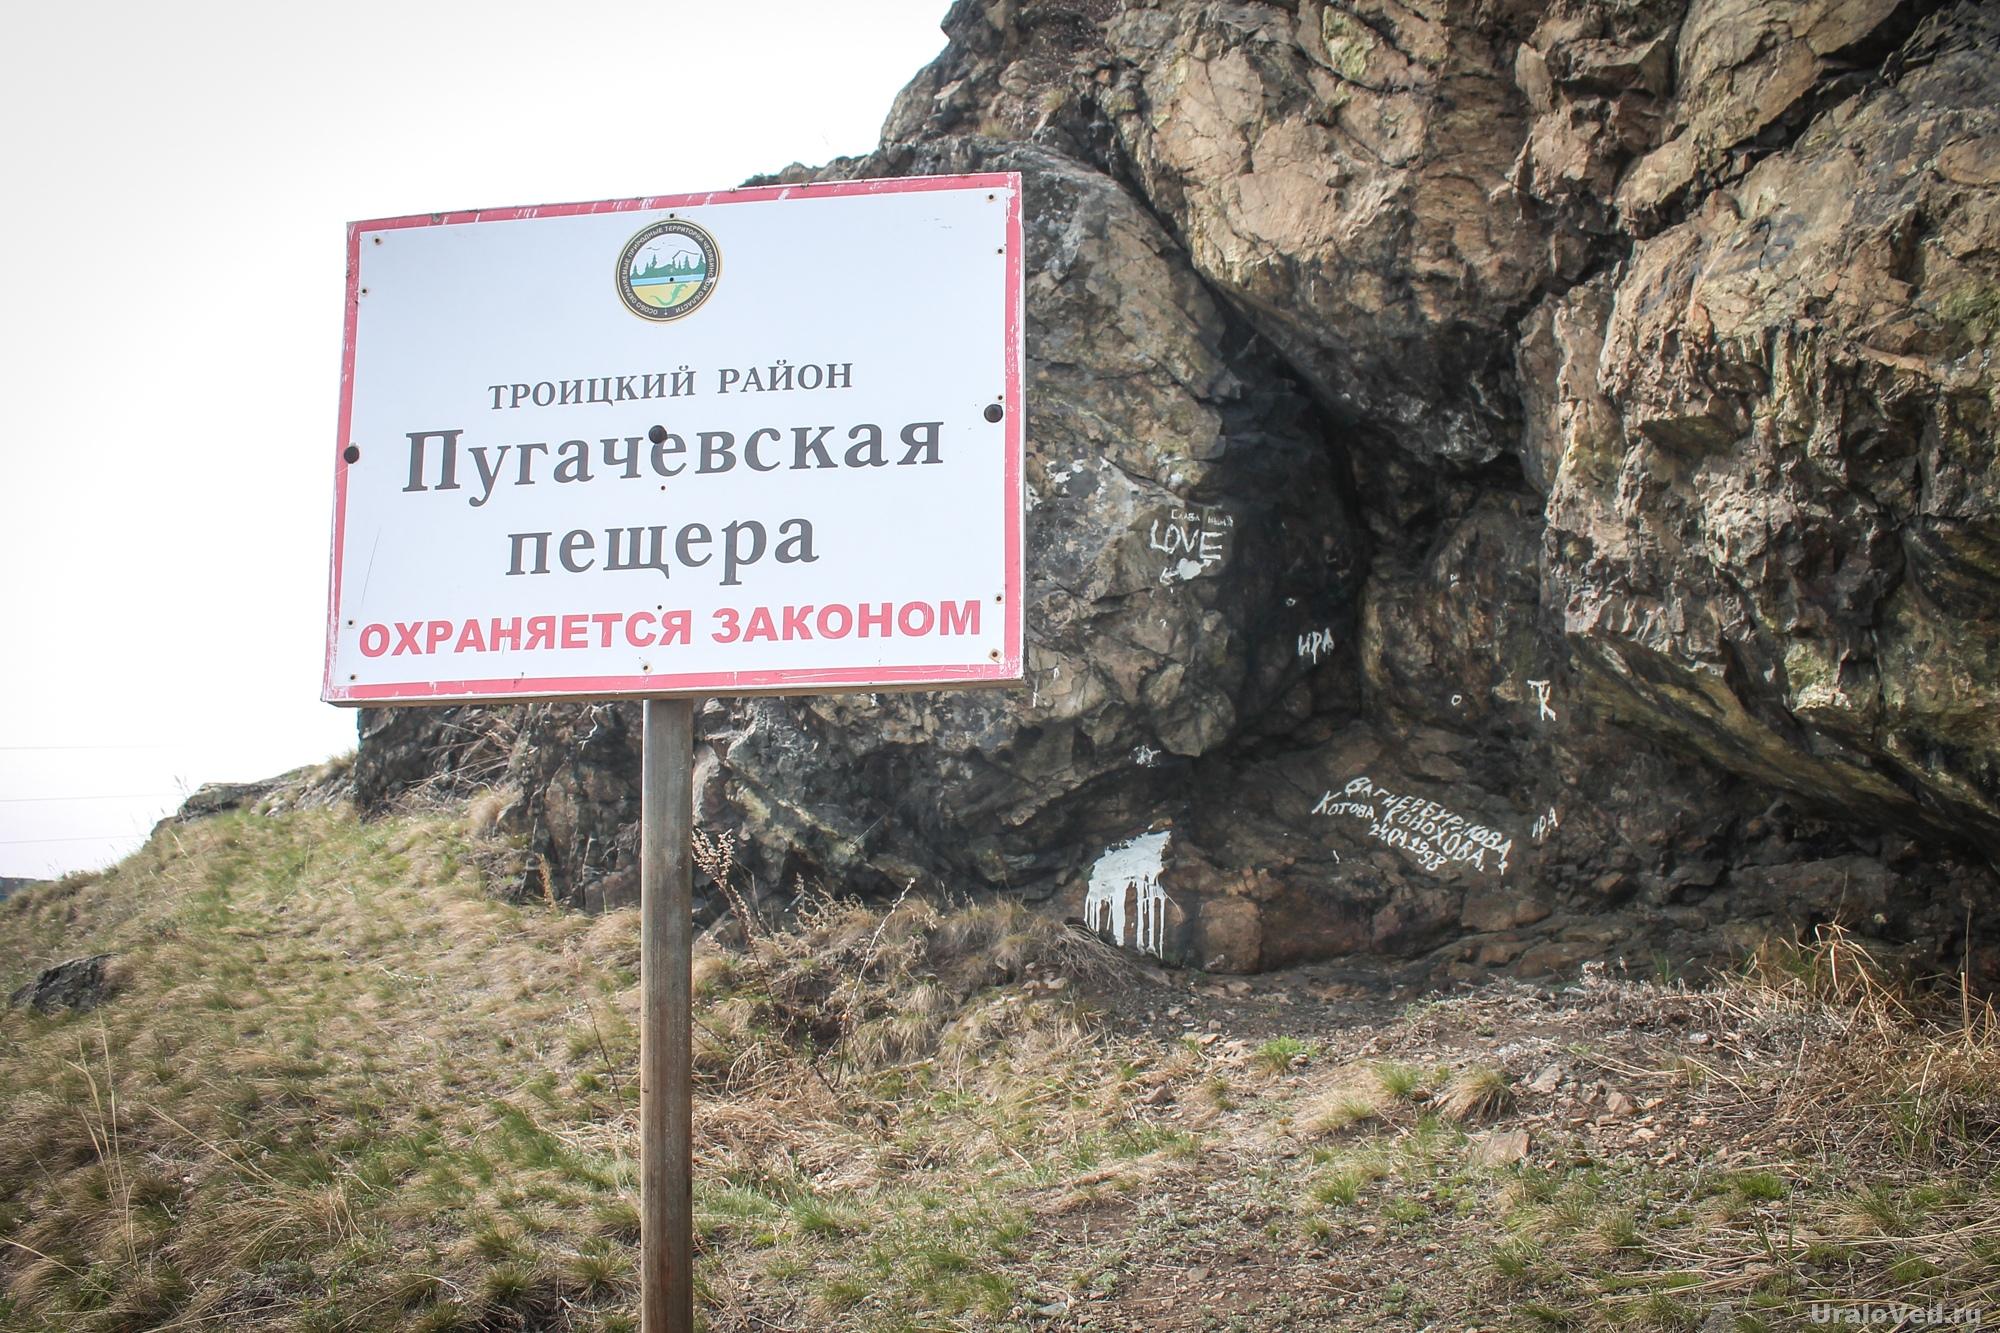 Около Пугачевской пещеры в Троицке